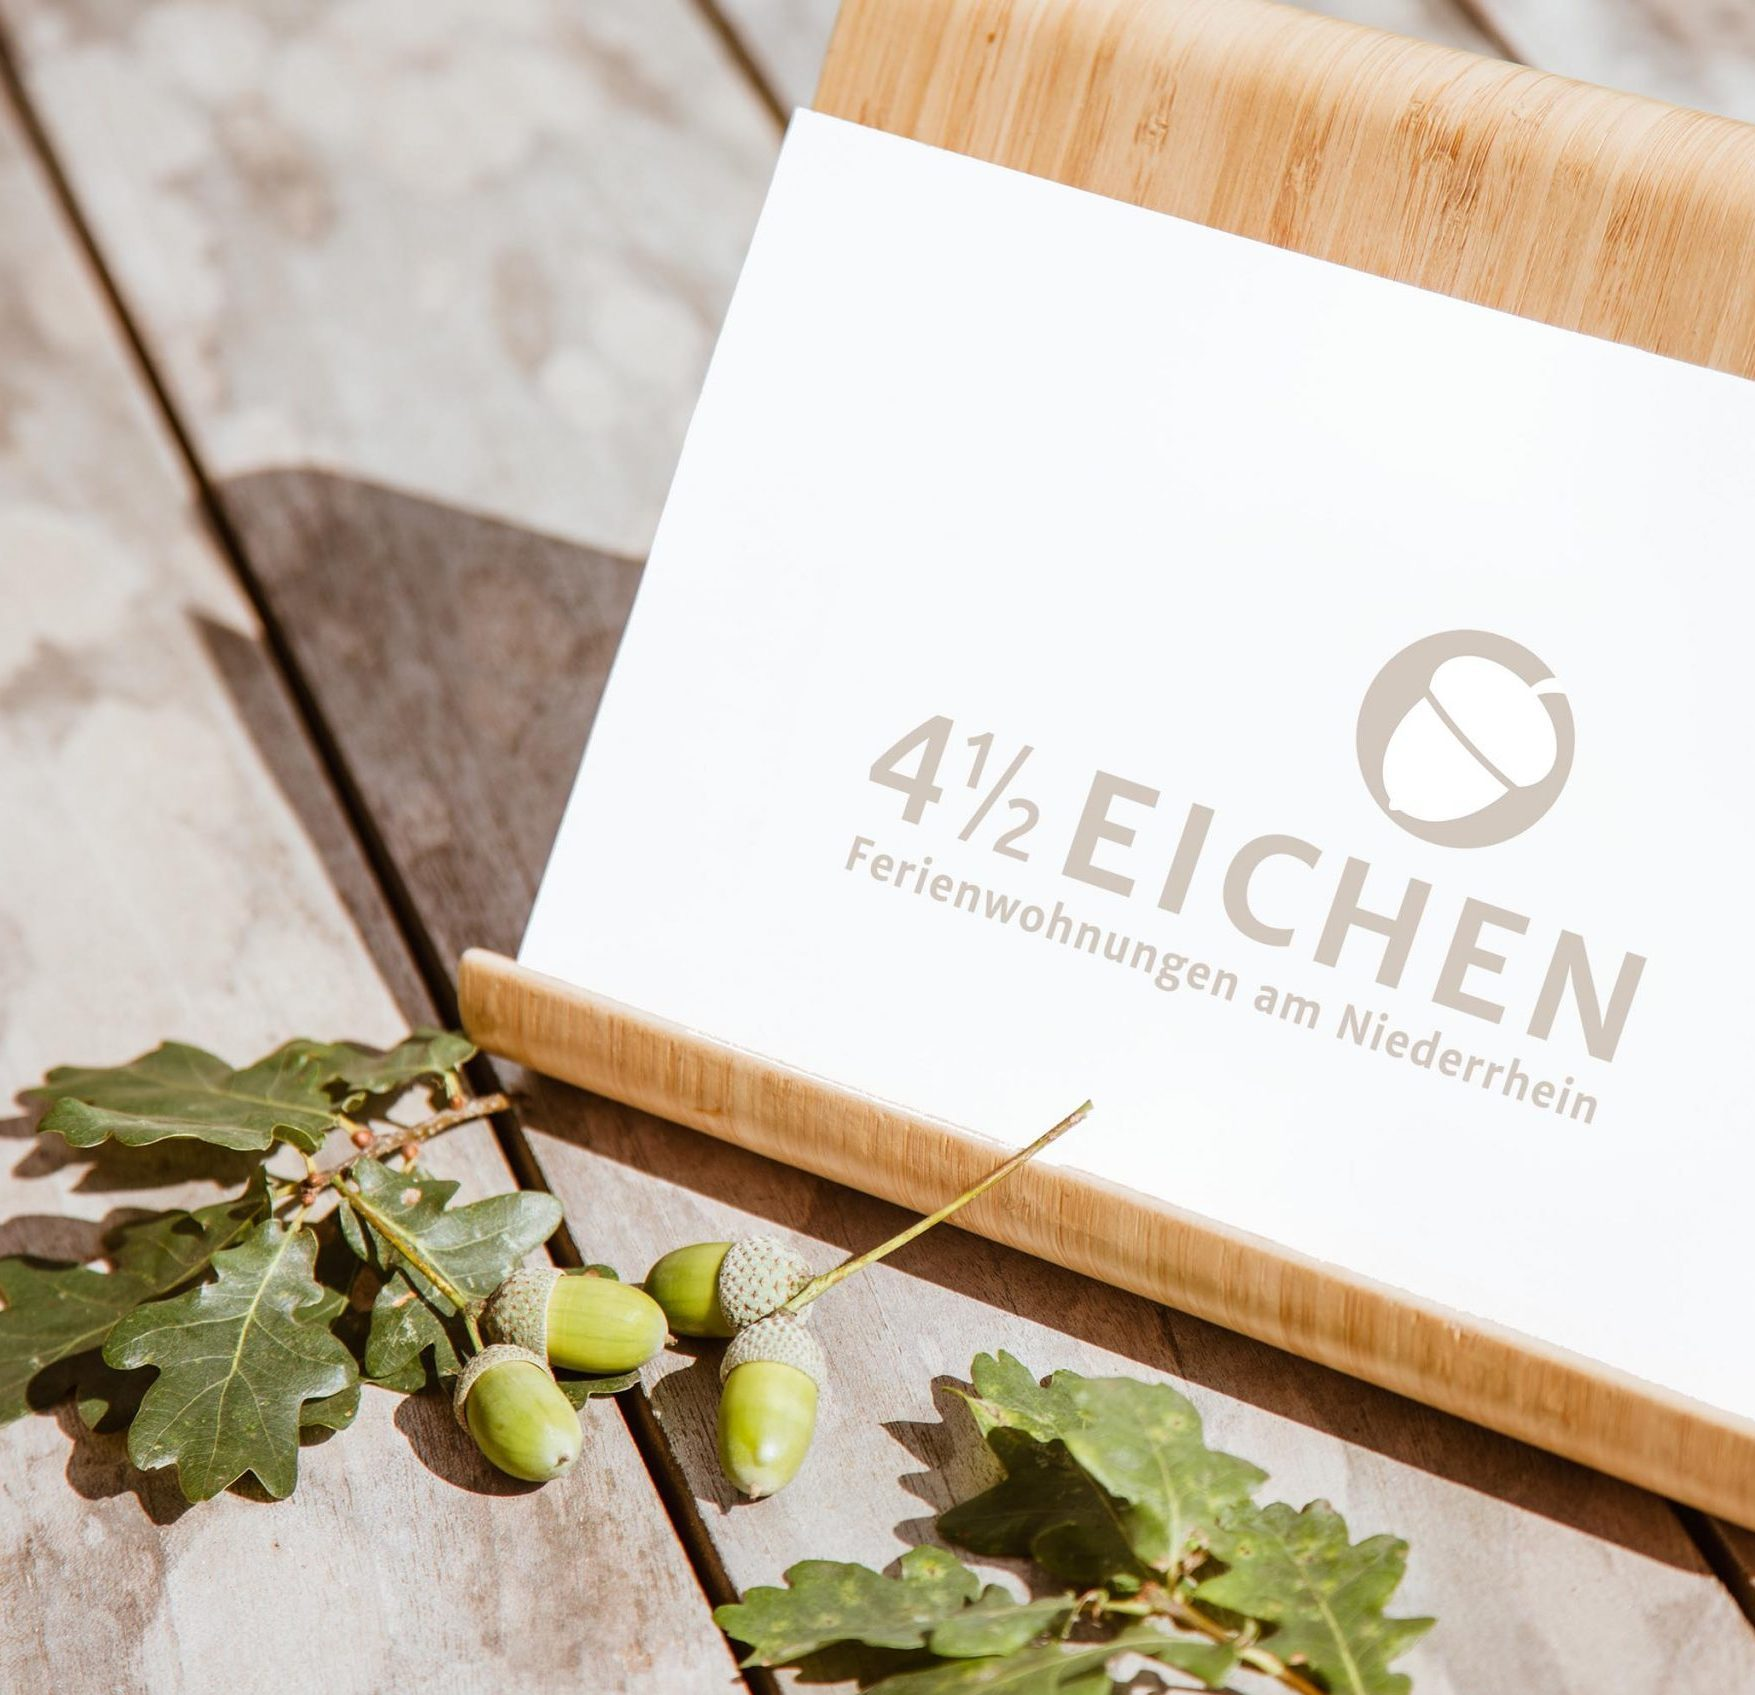 Viereinhalb Eichen Ferienwohnungen am Niederrhein Aufsteller Kontakt